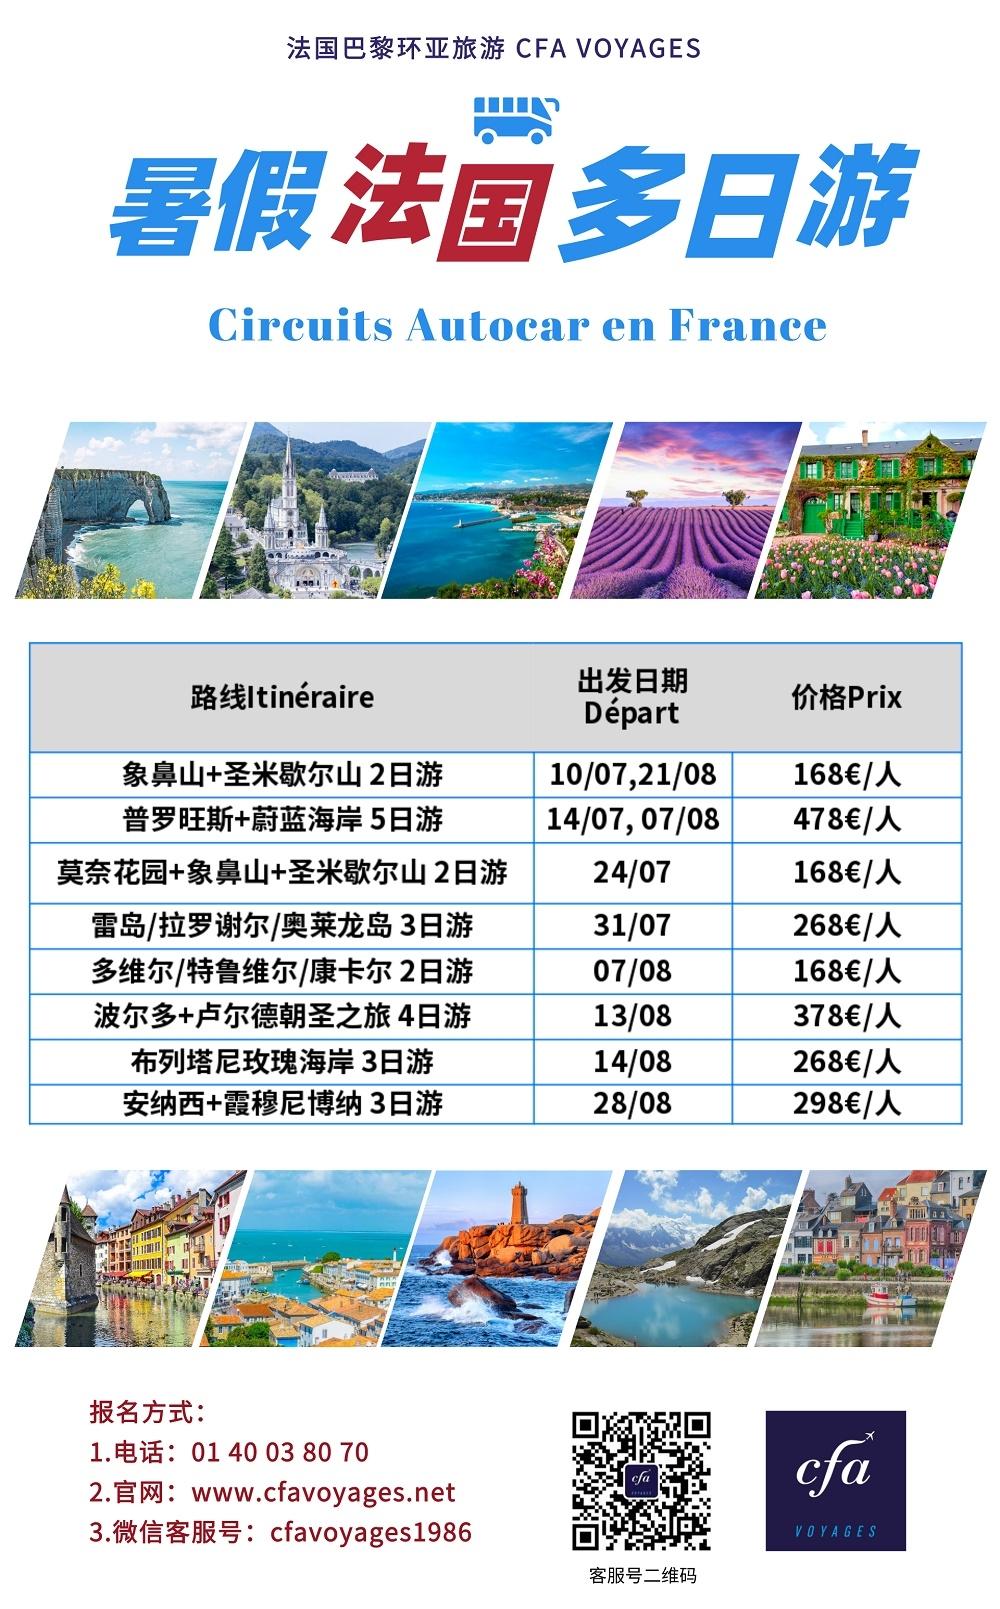 7月12更新 2021暑假多日游 打印版 (3).jpg